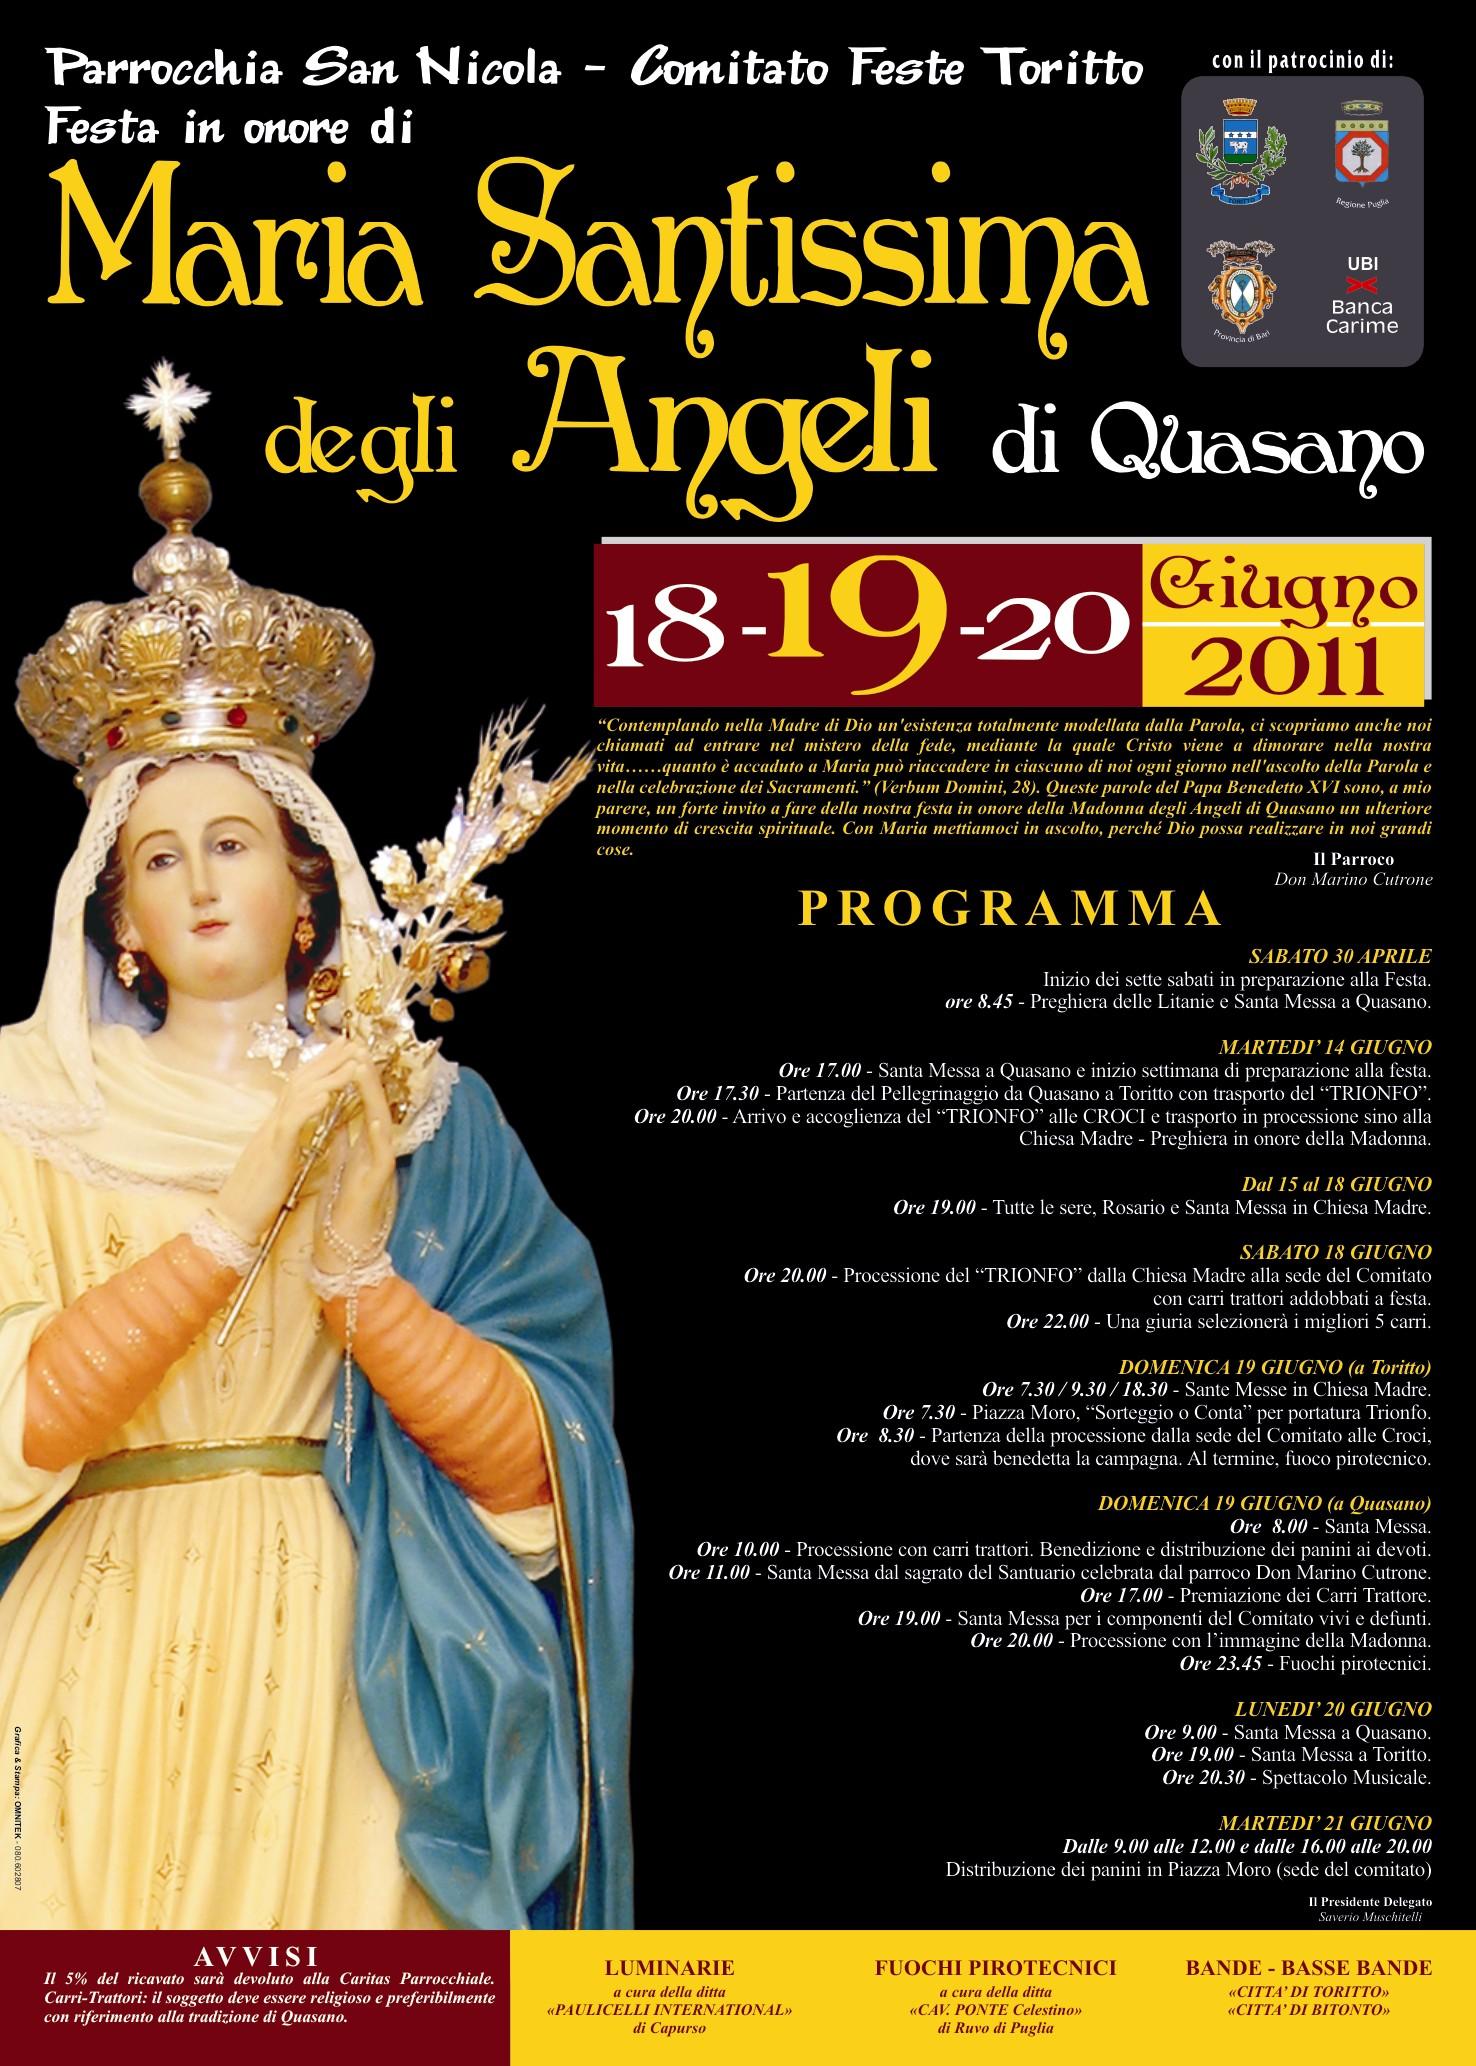 festa_quasano_2011_-_programma.jpg